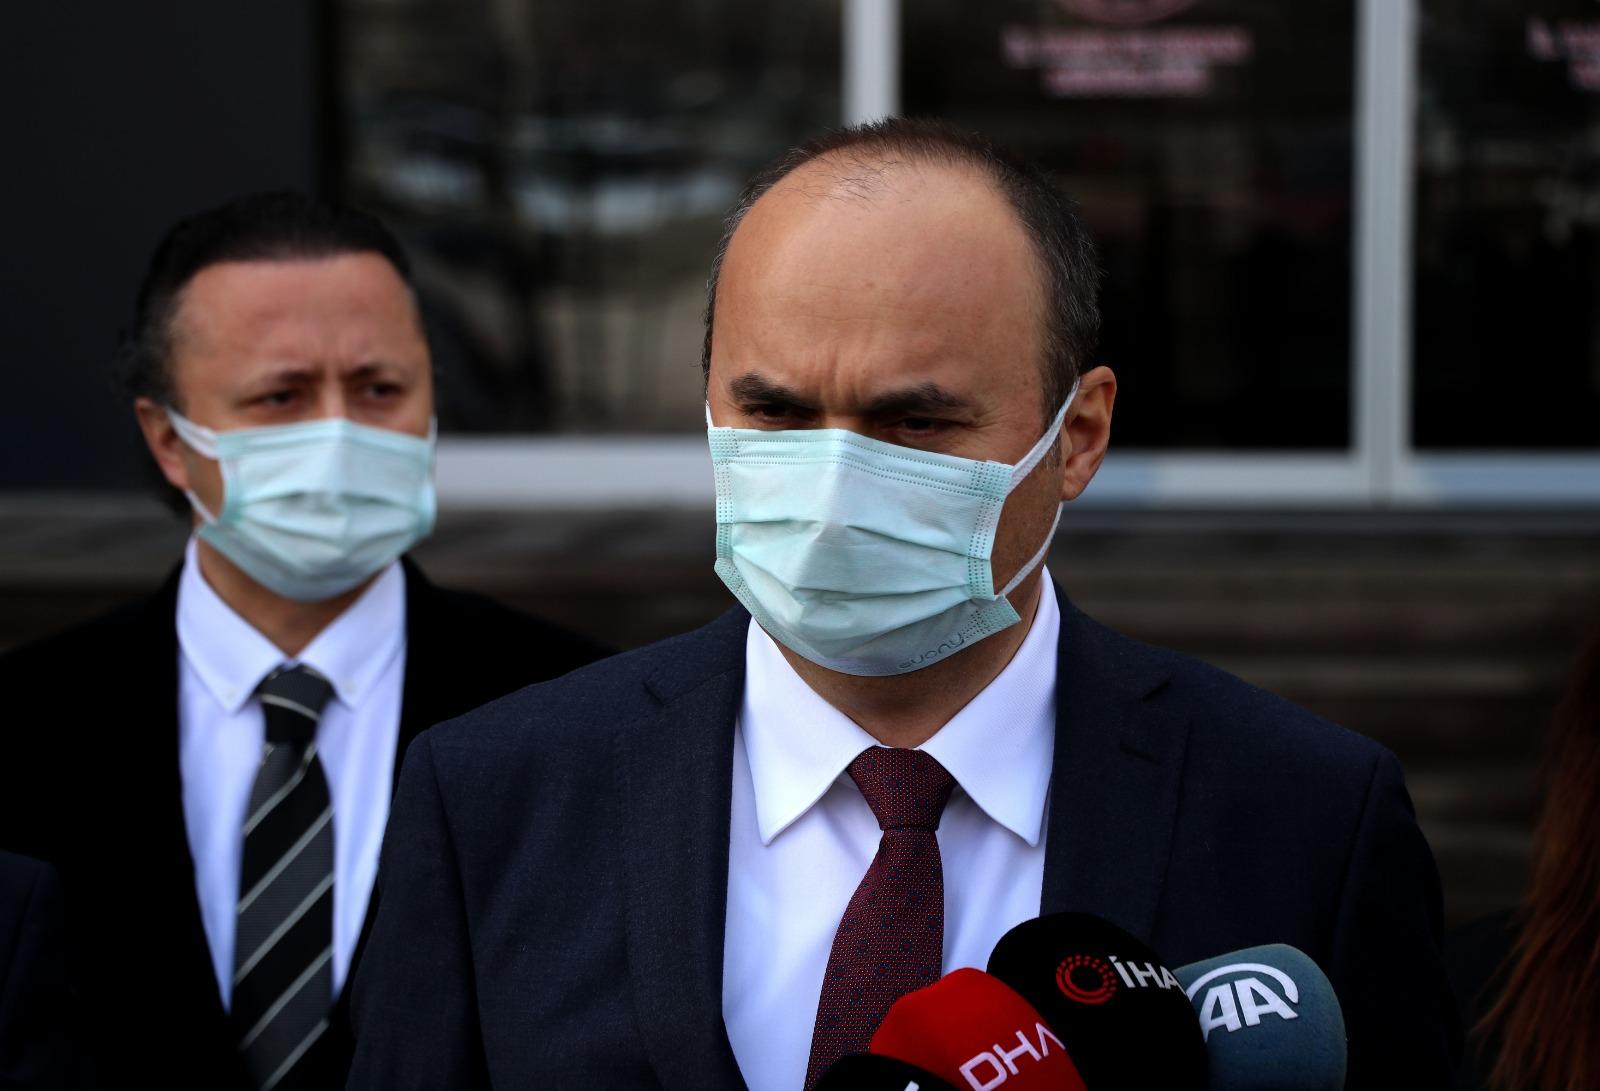 """Kovid-19'da """"çok yüksek riskli"""" kategorisindeki Edirne'de Vali Canalp ziyaretlerin durdurulması çağrısında bulundu"""